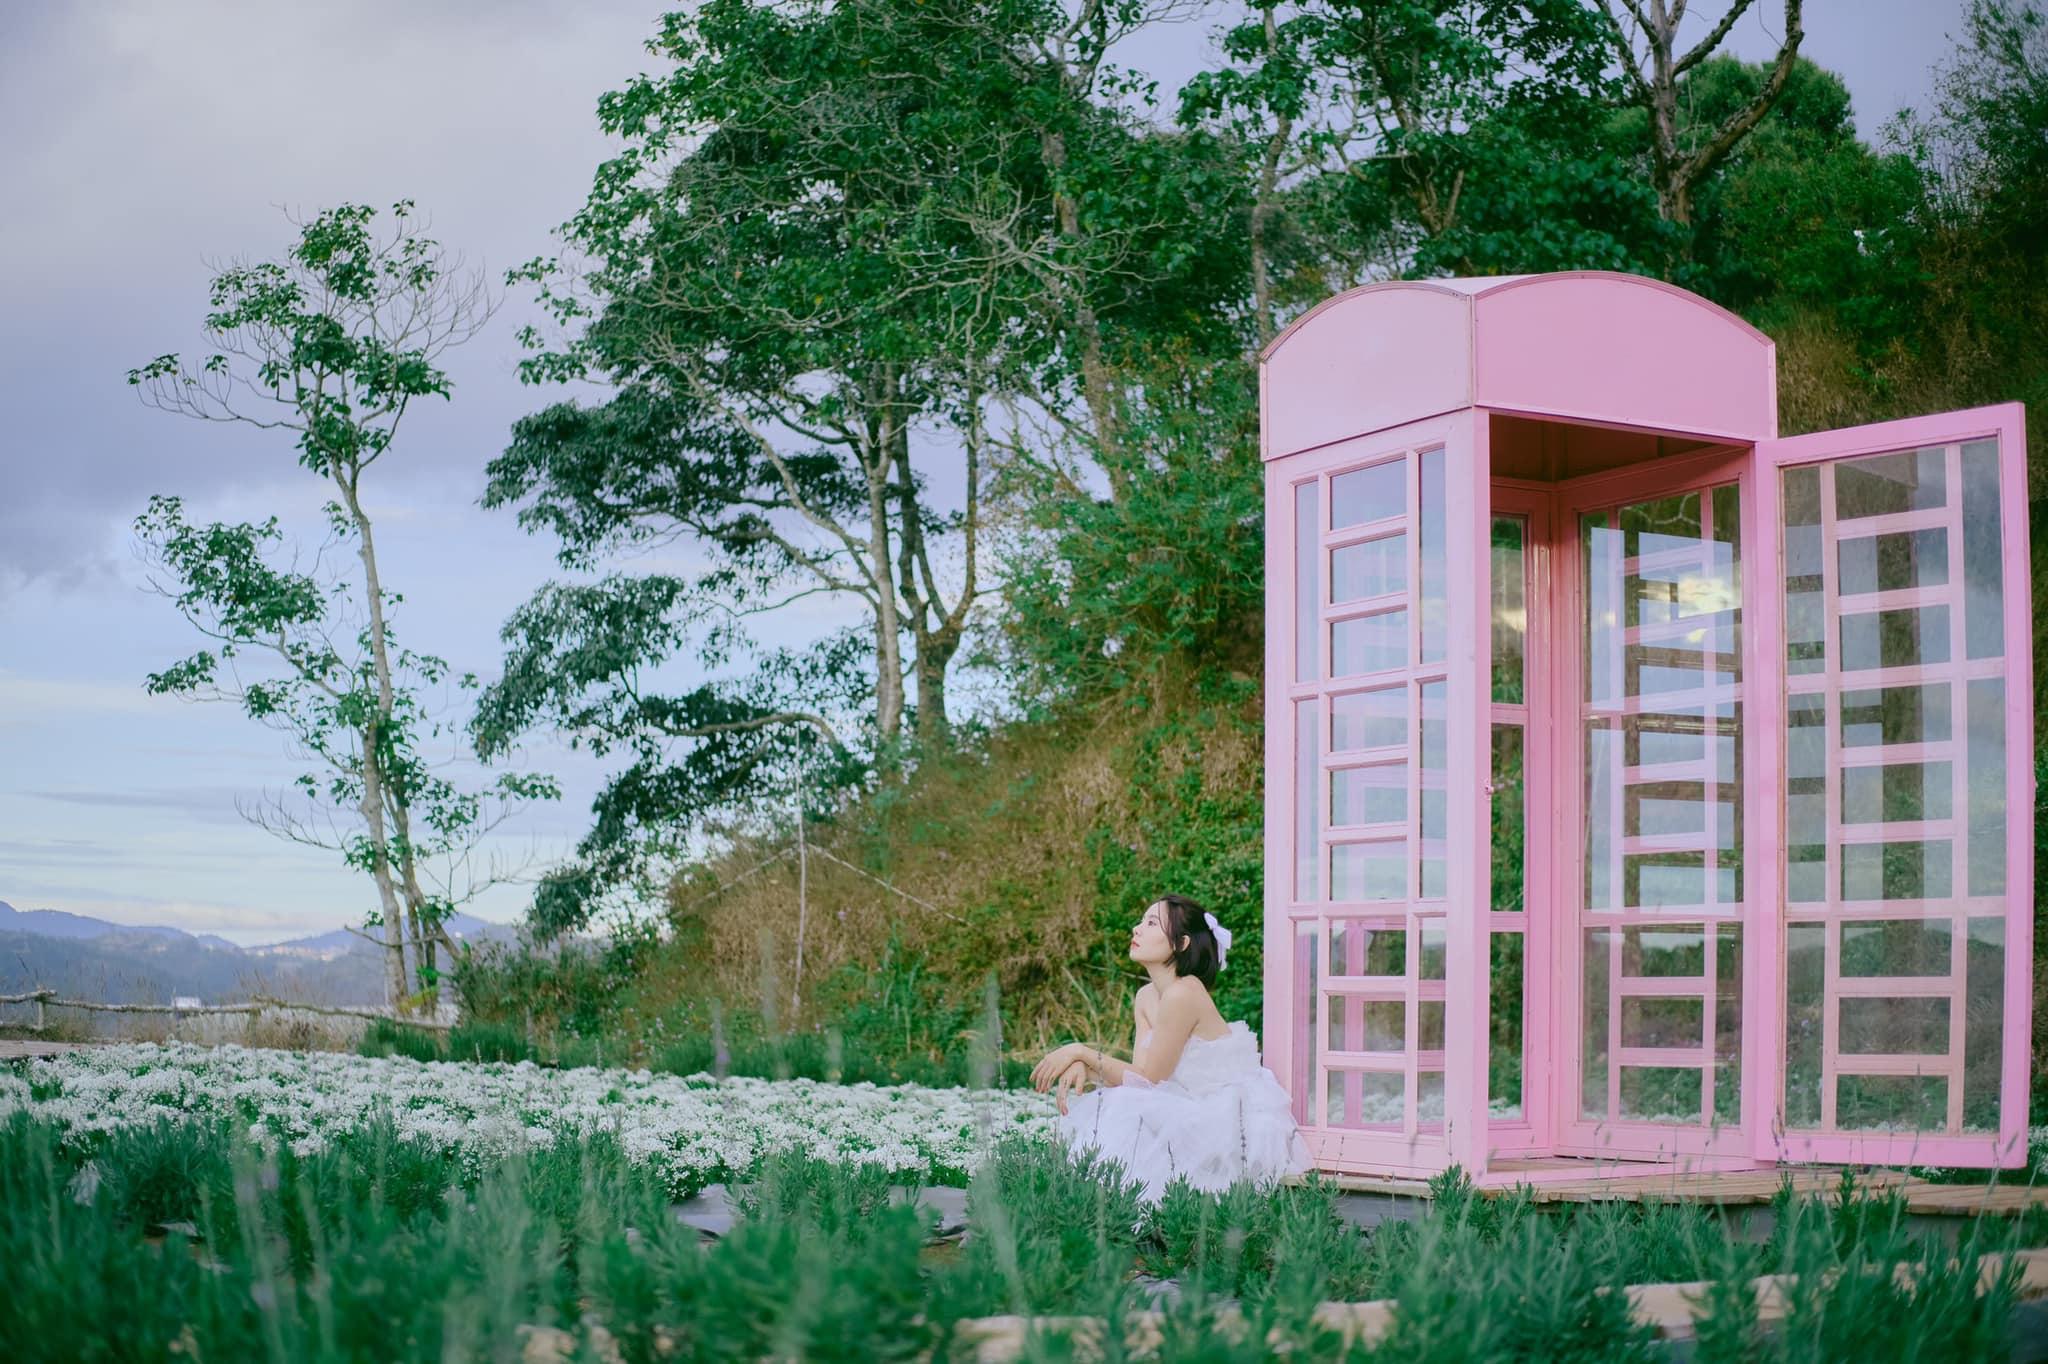 Check-in Vườn hoa lavender Túi Thương Nhớ, điểm đến 'mới toanh' tại Đà Lạt  - Ảnh 12.